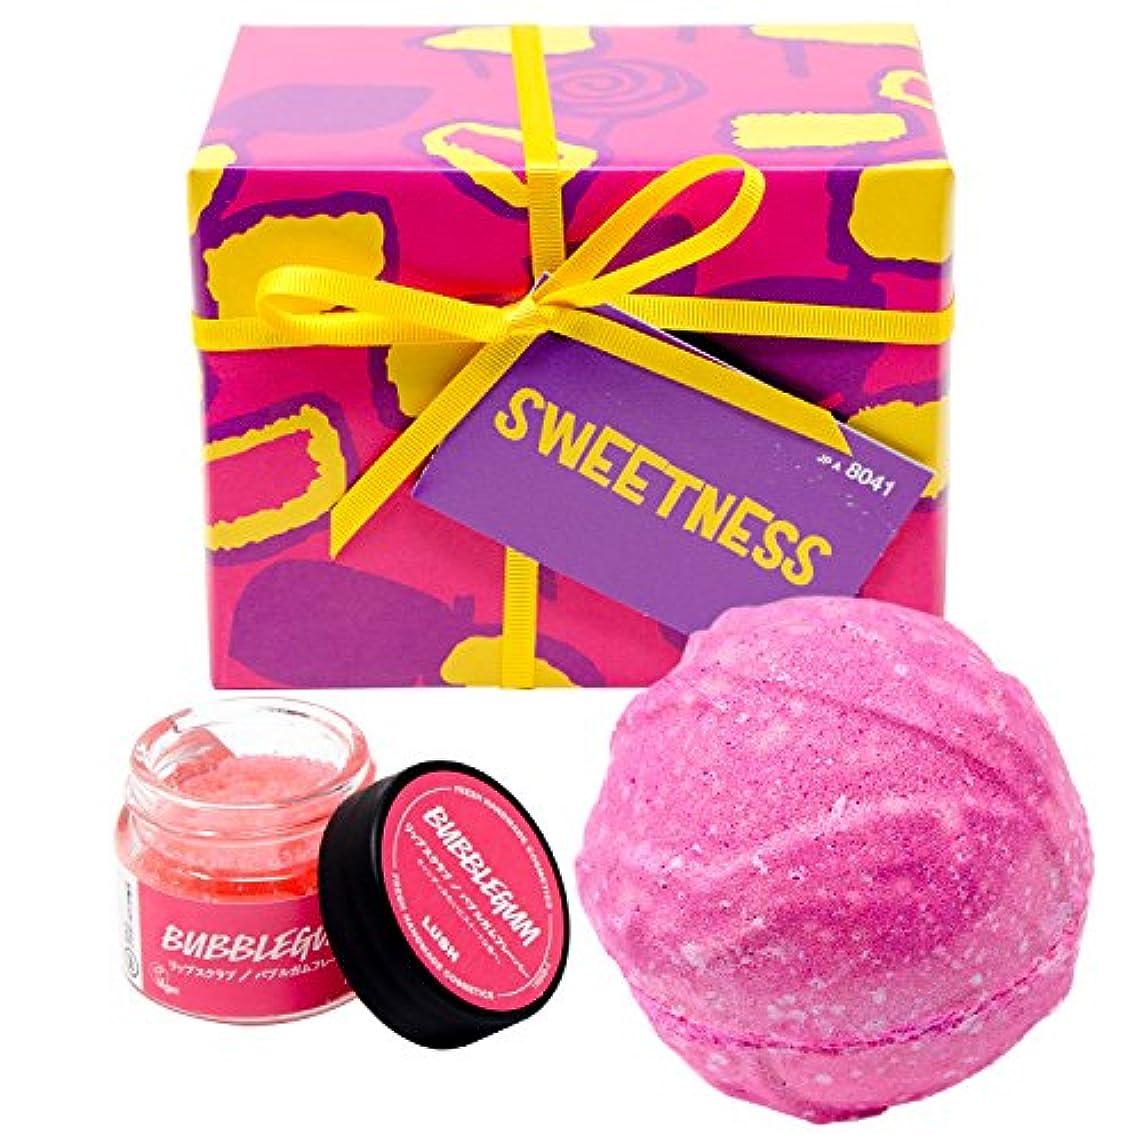 フリース多くの危険がある状況匿名(ラッシュ) LUSH Sweetness スウィートネス ギフトセット ショップバッグ付き